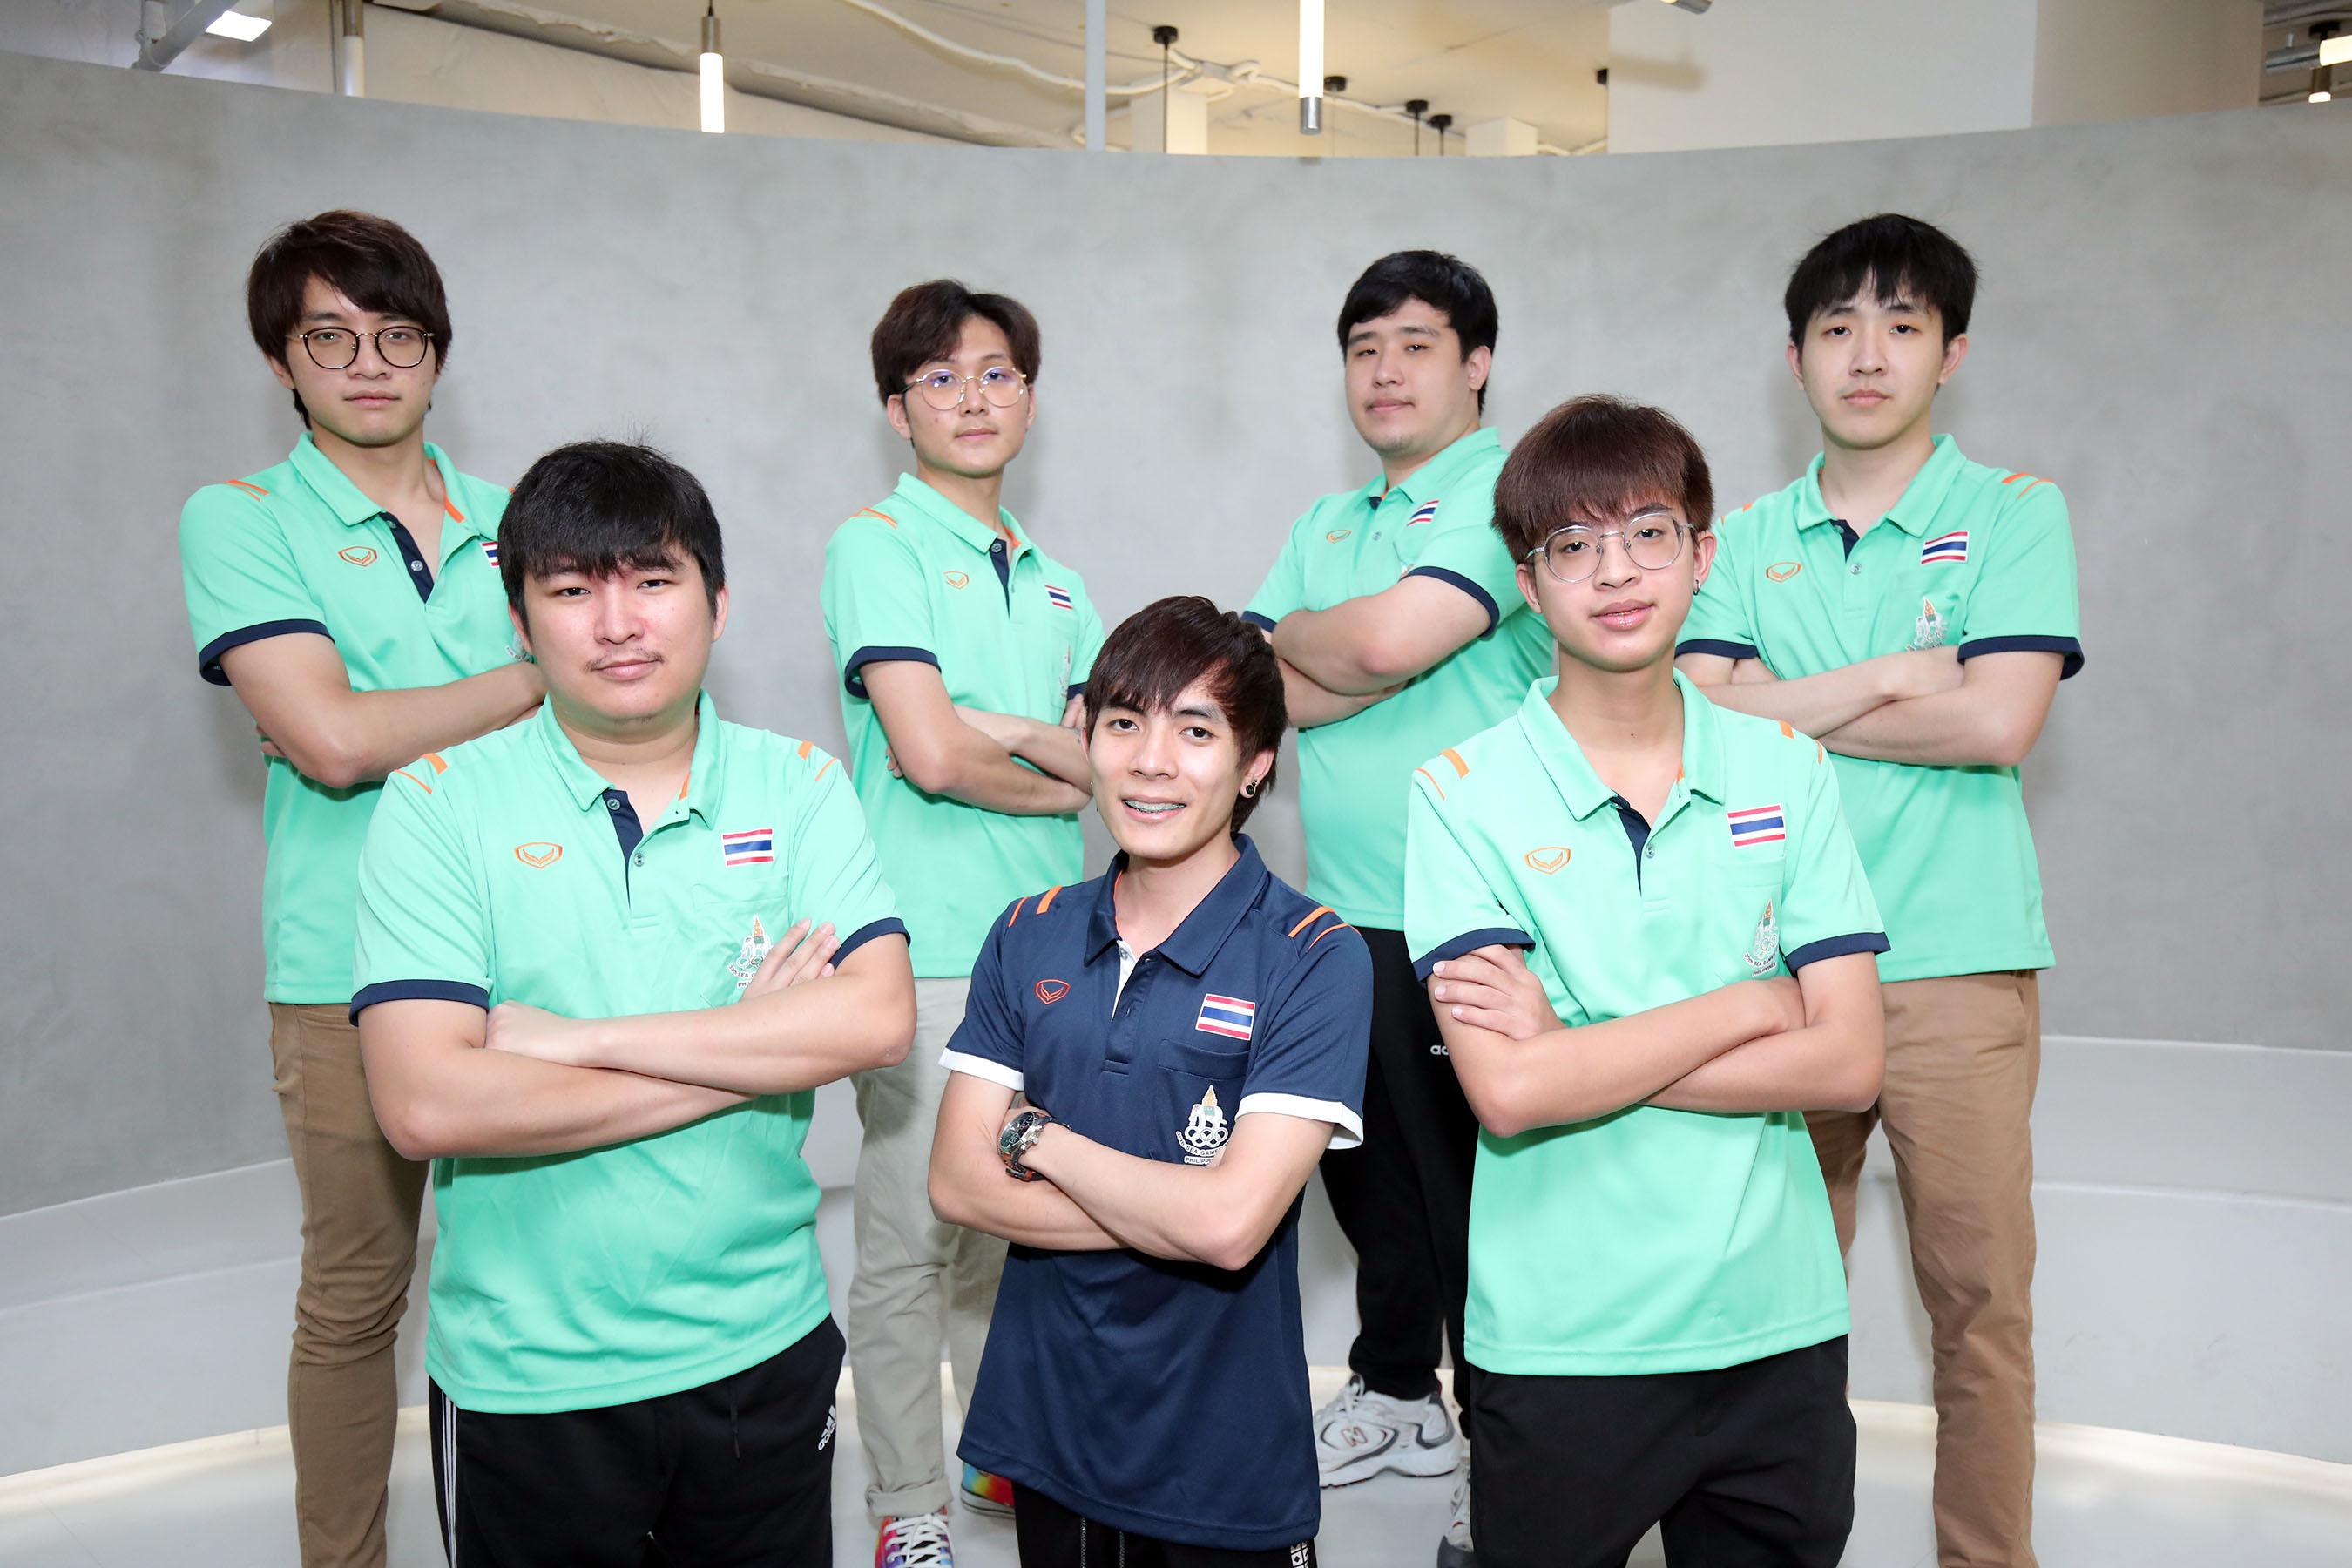 เอไอเอส กระหึ่ม! หนุนกีฬาอีสปอร์ตสู้ศึกซีเกมส์ 2019 สุดพลังมอบระบบสื่อสารให้นักกีฬาและสมาคมกีฬาอีสปอร์ตแห่งประเทศไทย